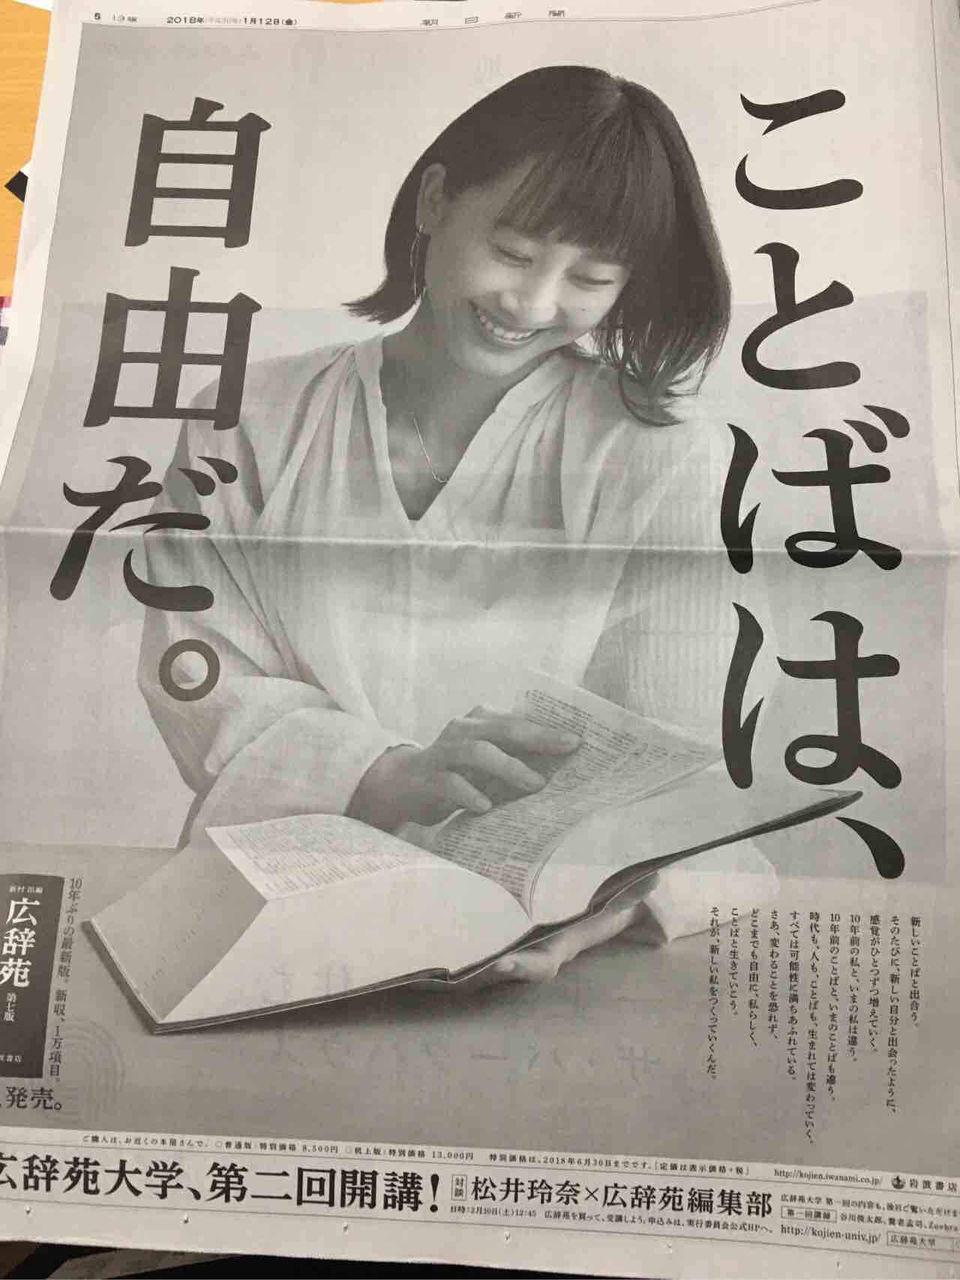 【エンタメ画像】松井玲奈さんが『広辞苑第七版』全面広告に登場★